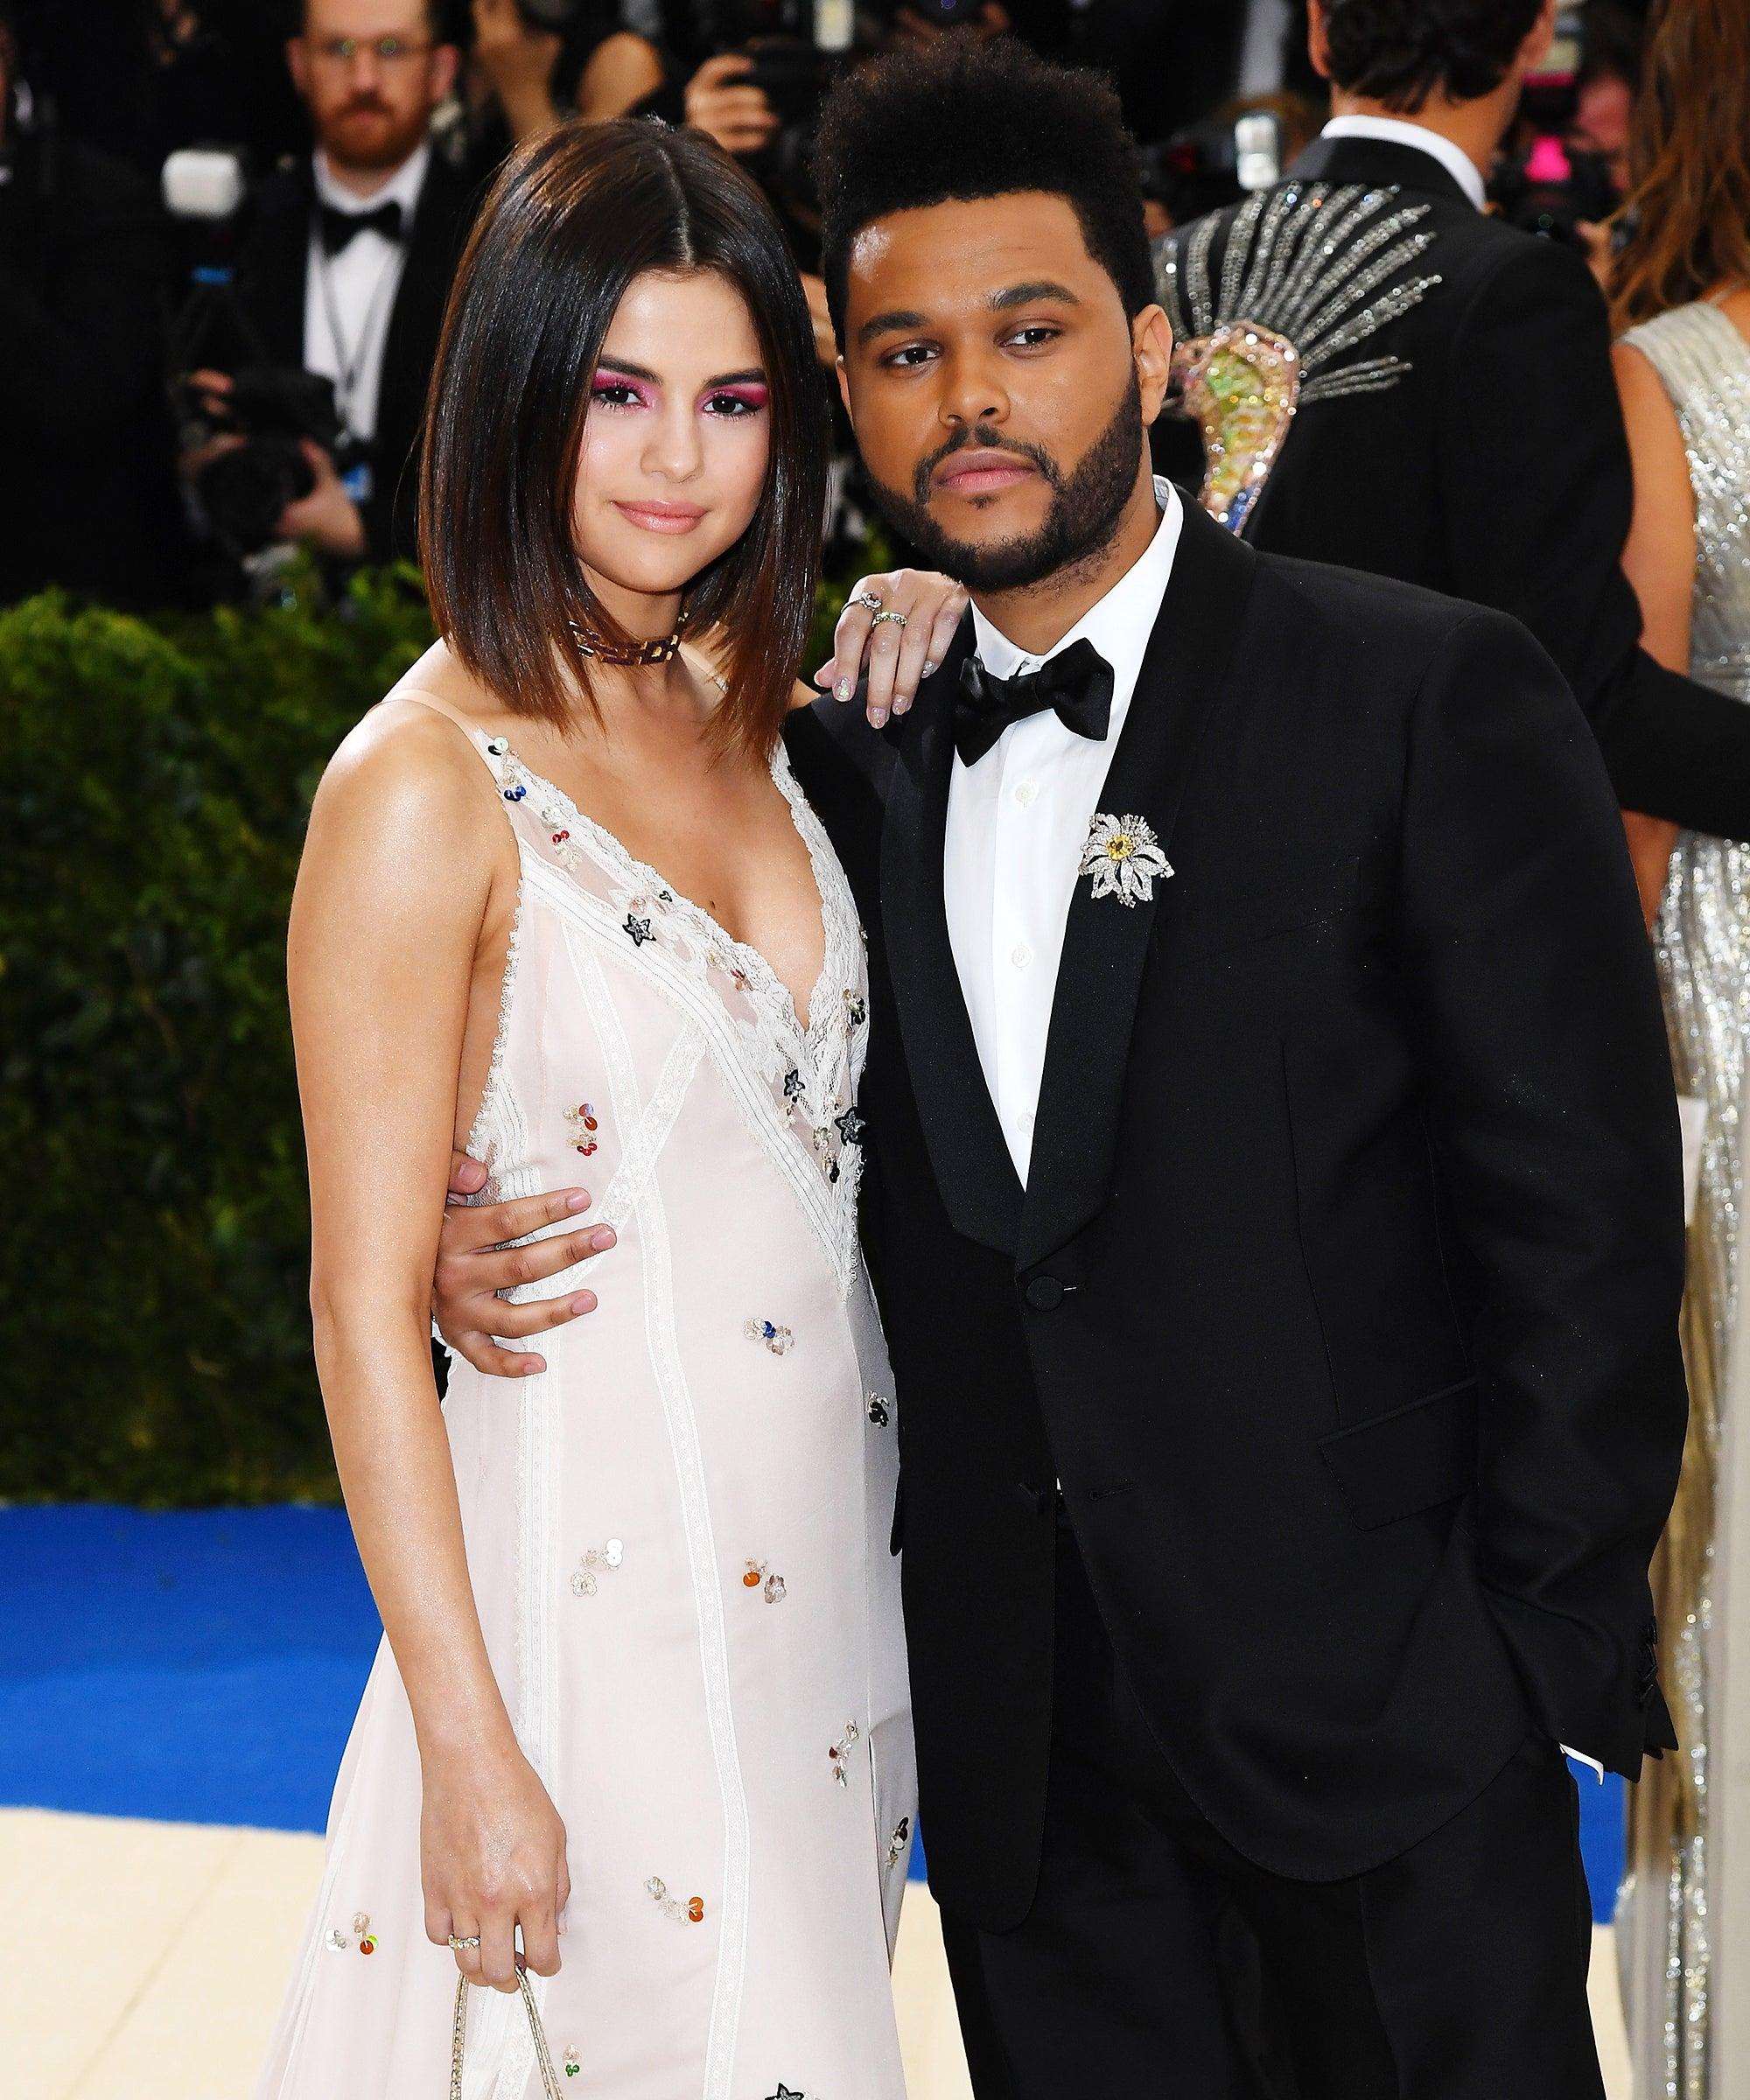 Selena Gomez dating Justin Bieber spelletjeschristelijke meningen op daterende leeftijd